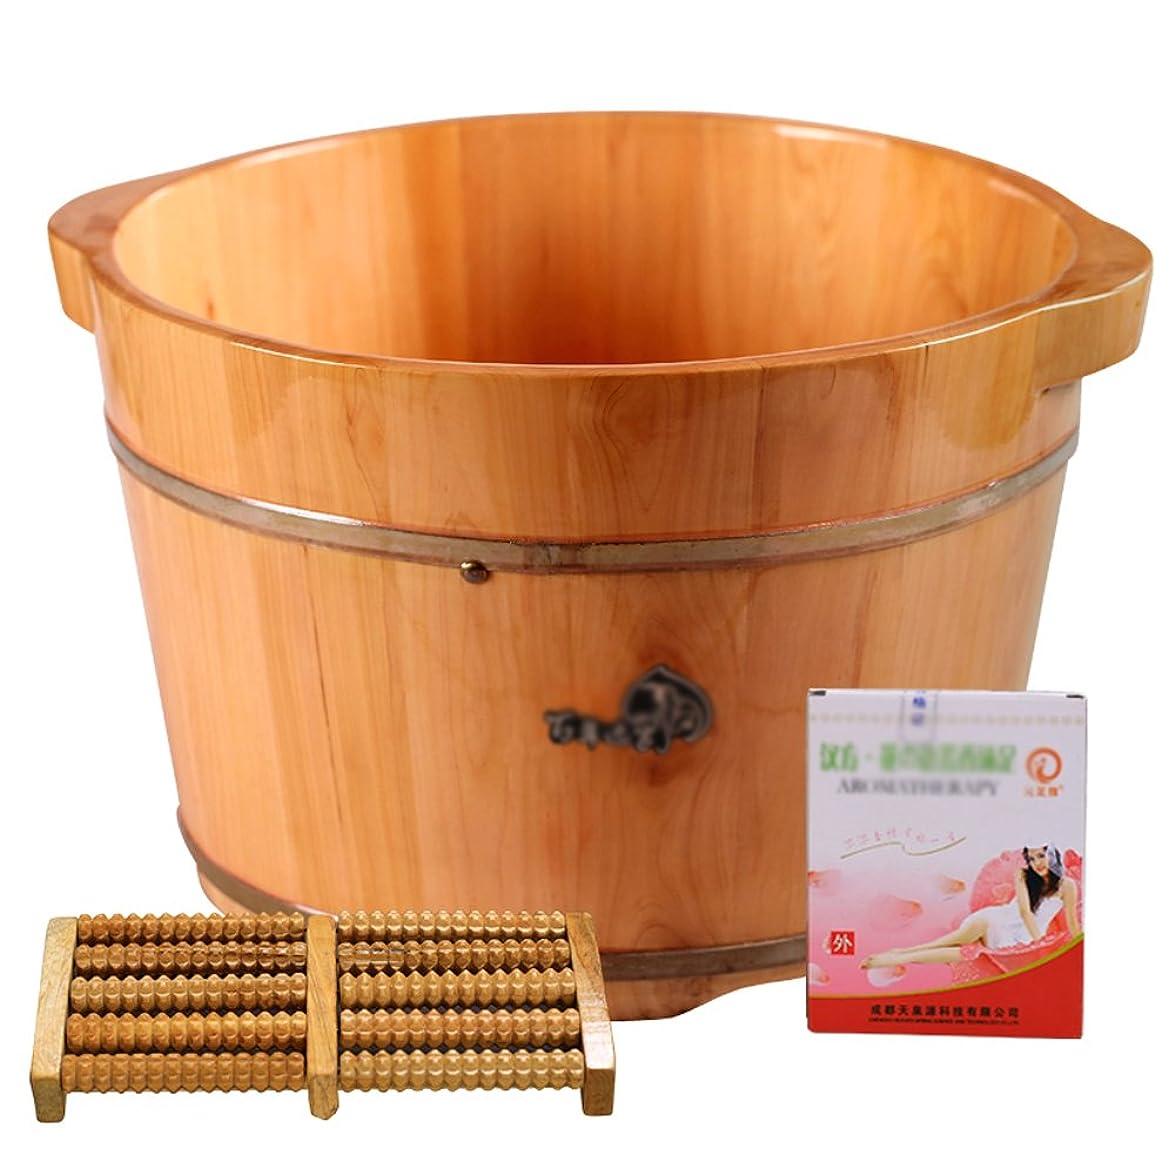 植生マグ理想的には足浴桶 足の浴槽、木製の足の盆地足のバレルの足の足のマッサージの足の盆カバーの足の桶